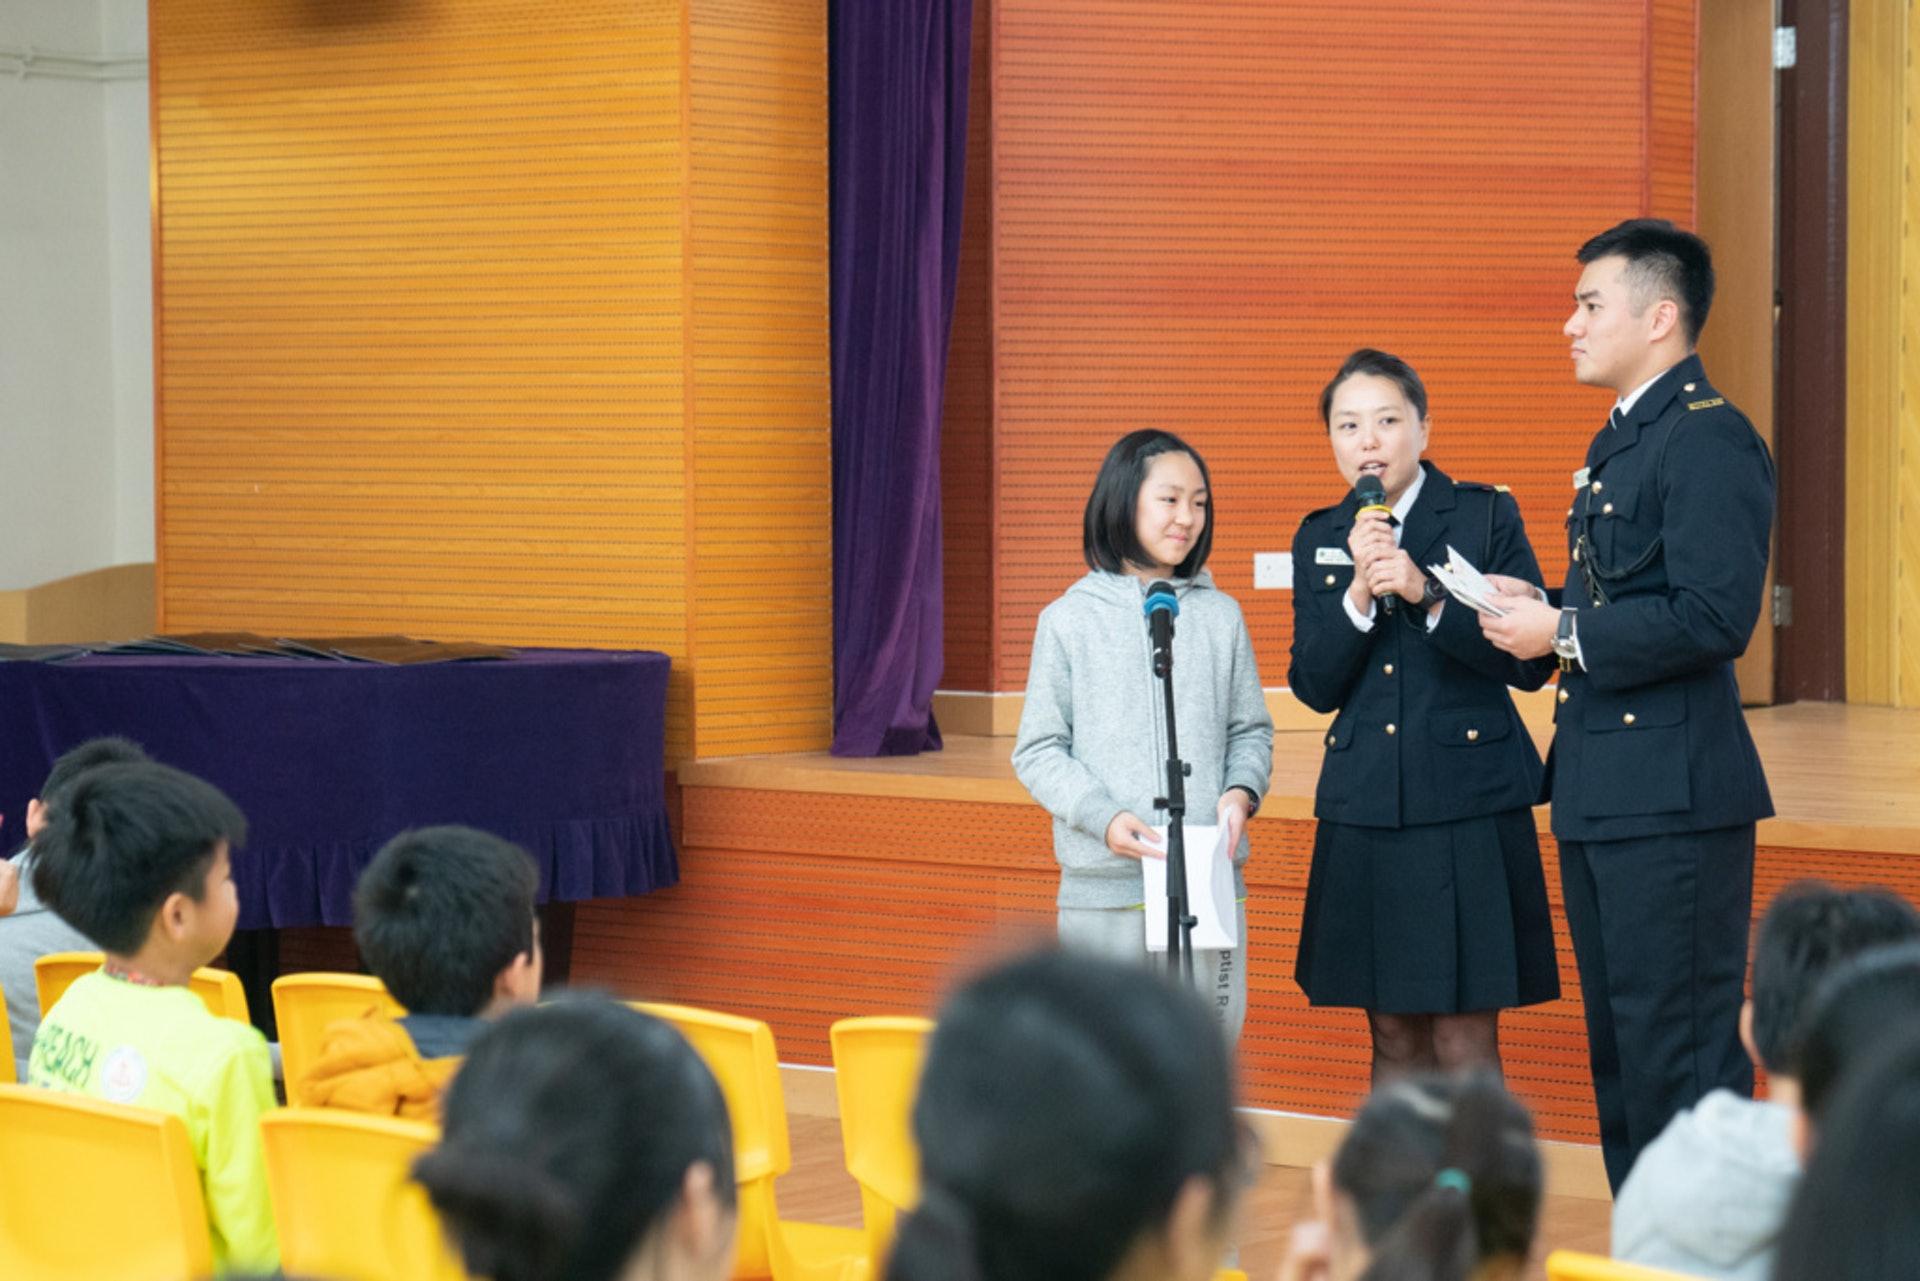 天虹小學和懲教署合辦「信有明天」活動,讓學生朗讀囚友的回信。